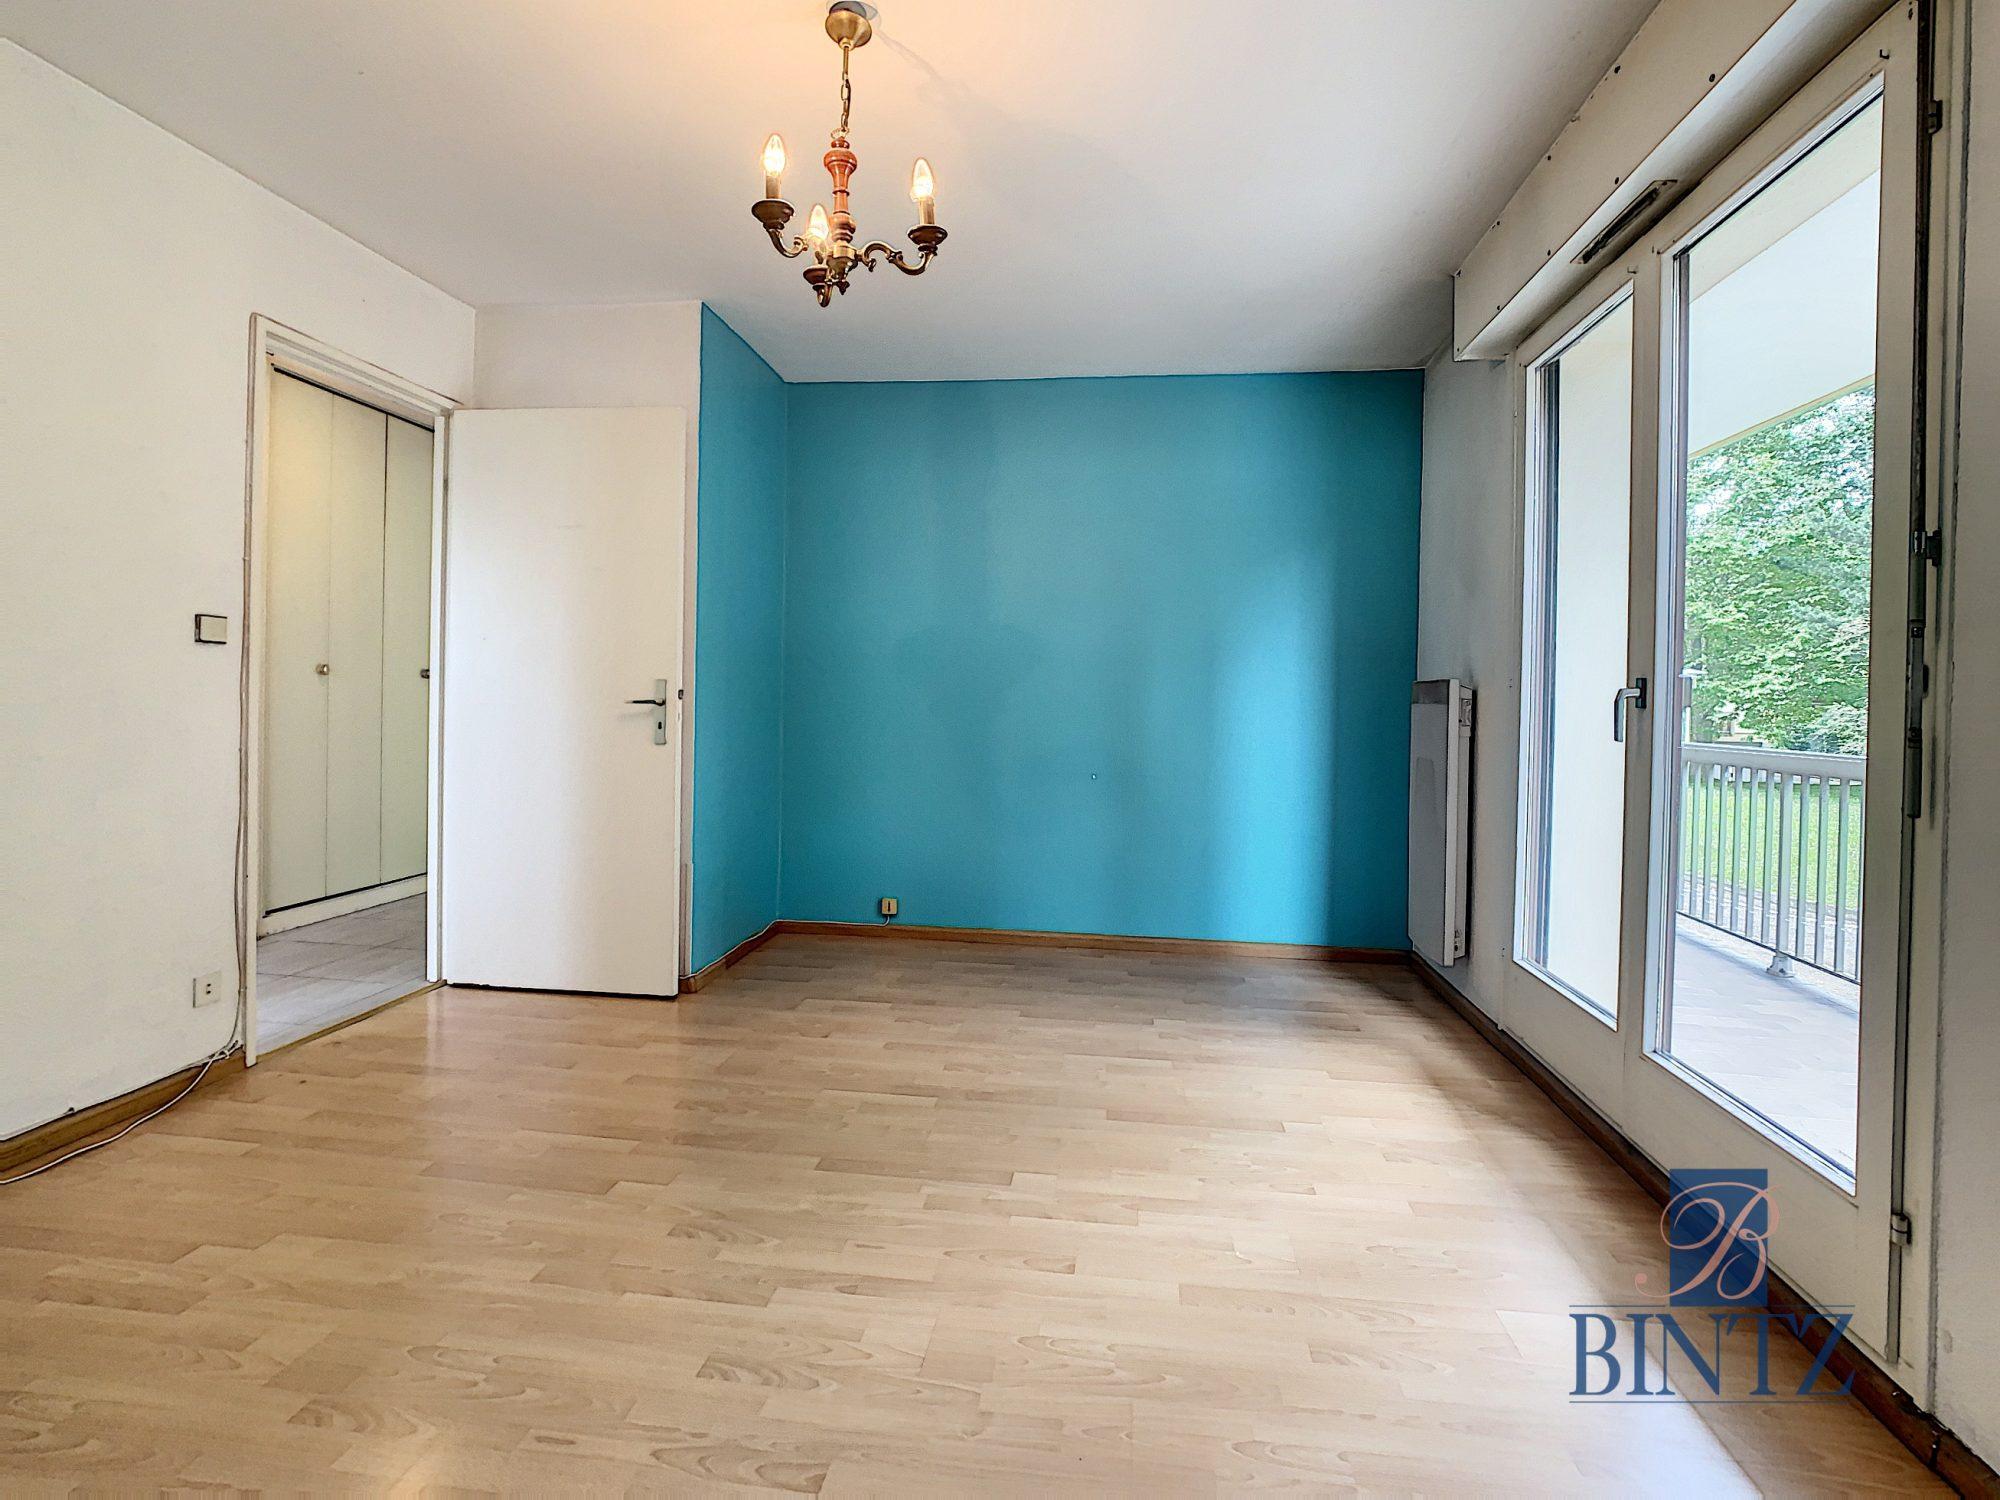 Appartement traversant 4 pièces 97,5m2 à Oberhausbergen - Devenez propriétaire en toute confiance - Bintz Immobilier - 6